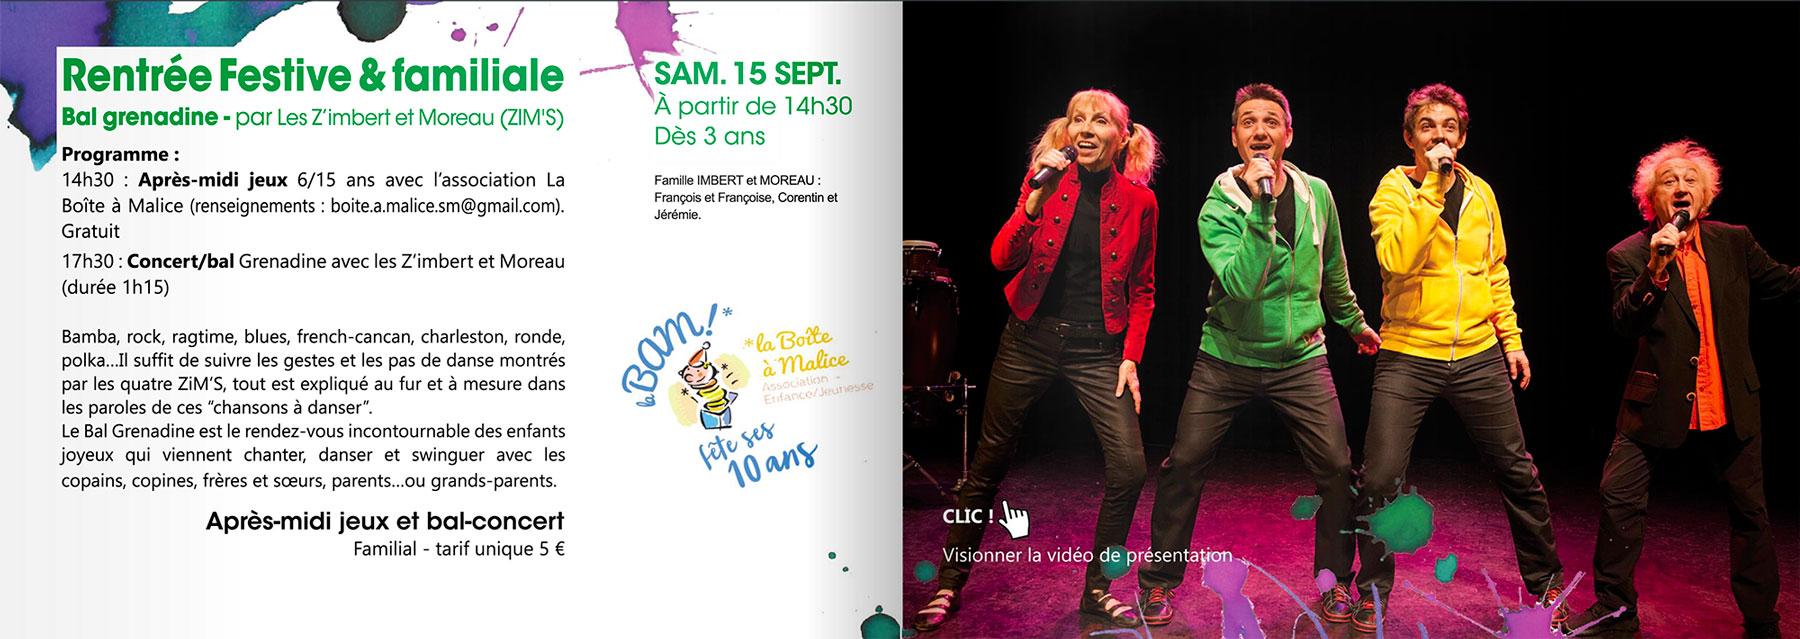 Les Z'Imbert & Moreau à Saint-Mars-la-Jaille le 15 septembre 2018